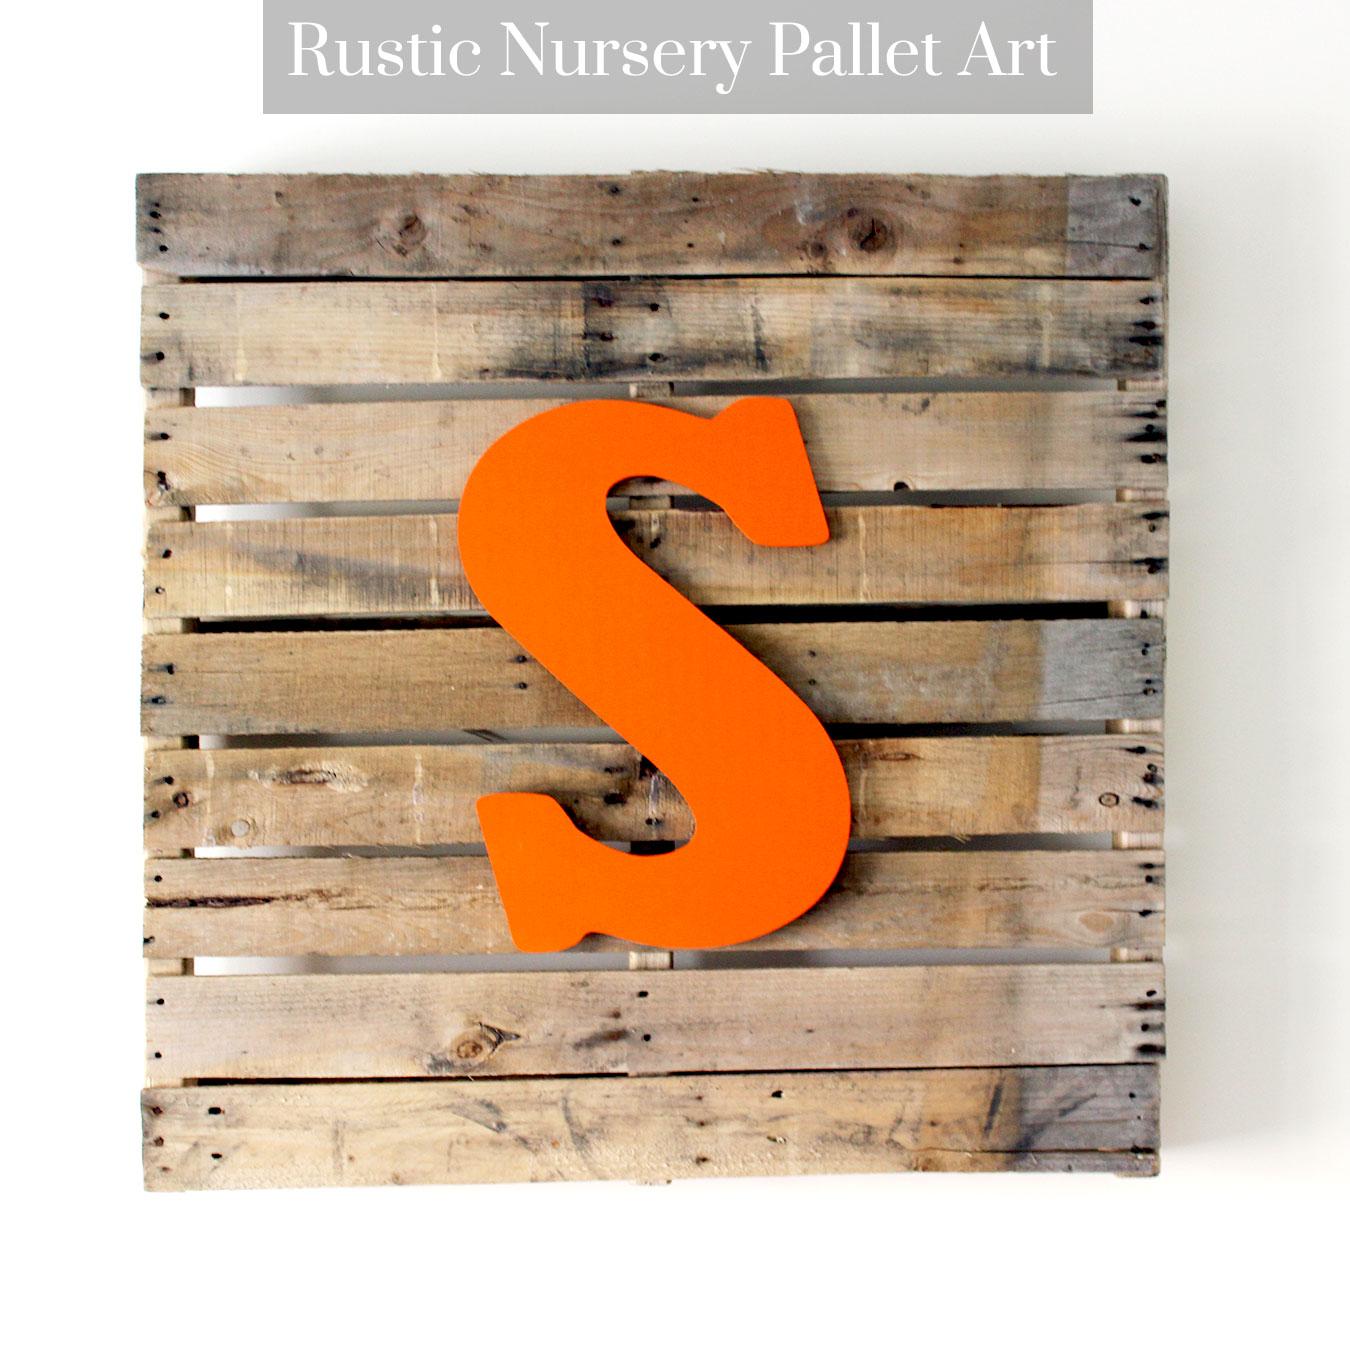 Rustic Nursery Pallet Art